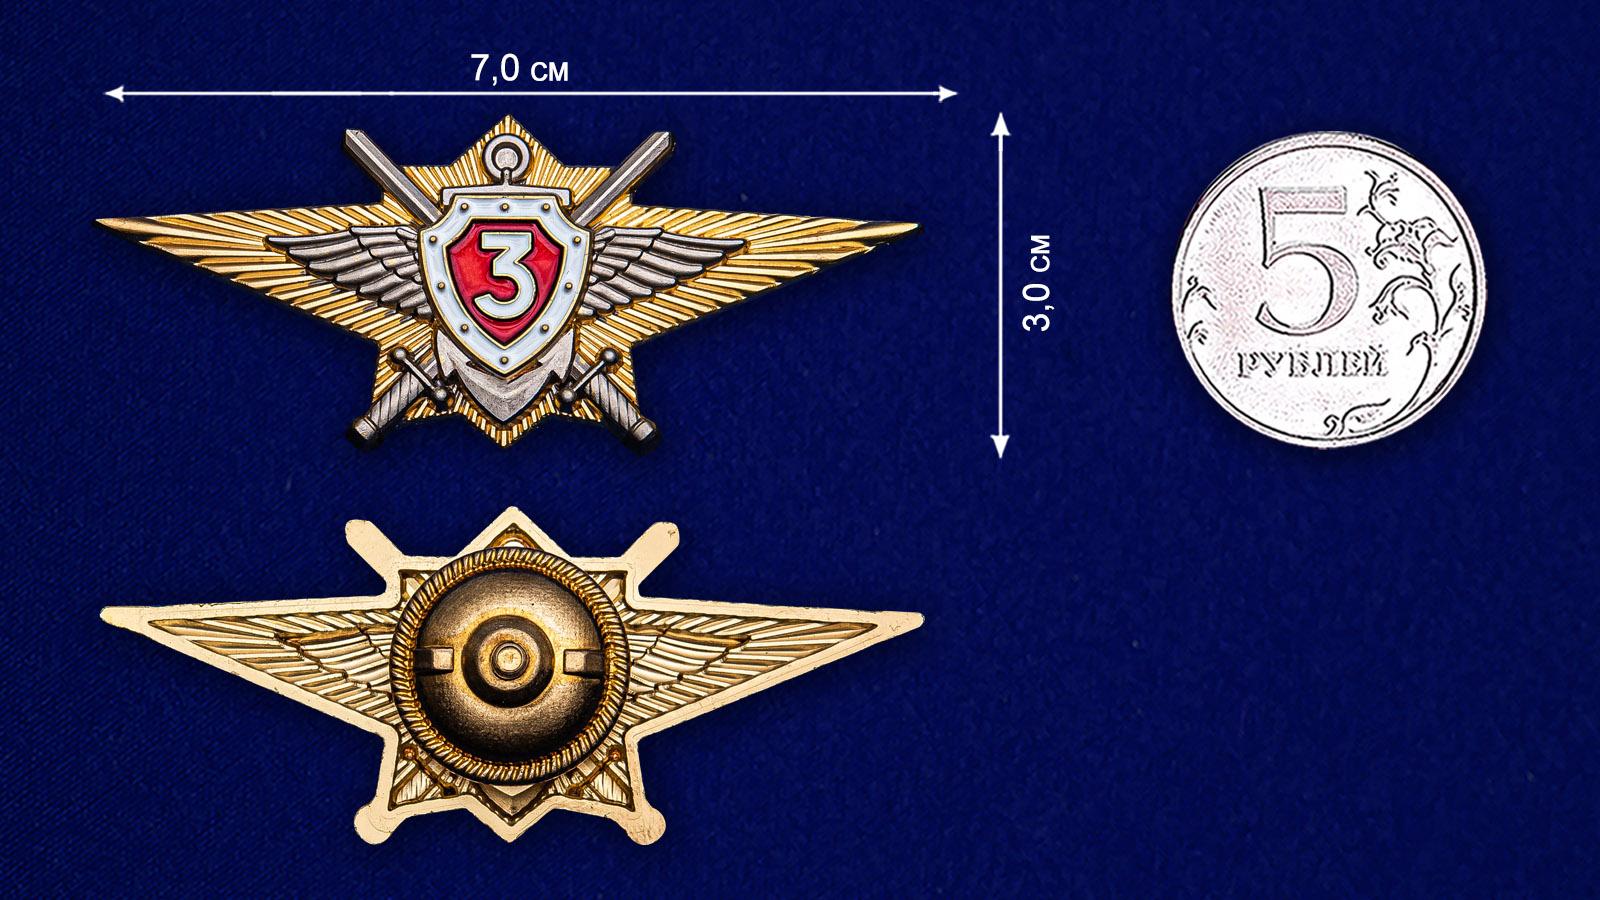 Памятный знак Росгвардии Классная квалификация (специалист 3-го класса) - сравнительный вид